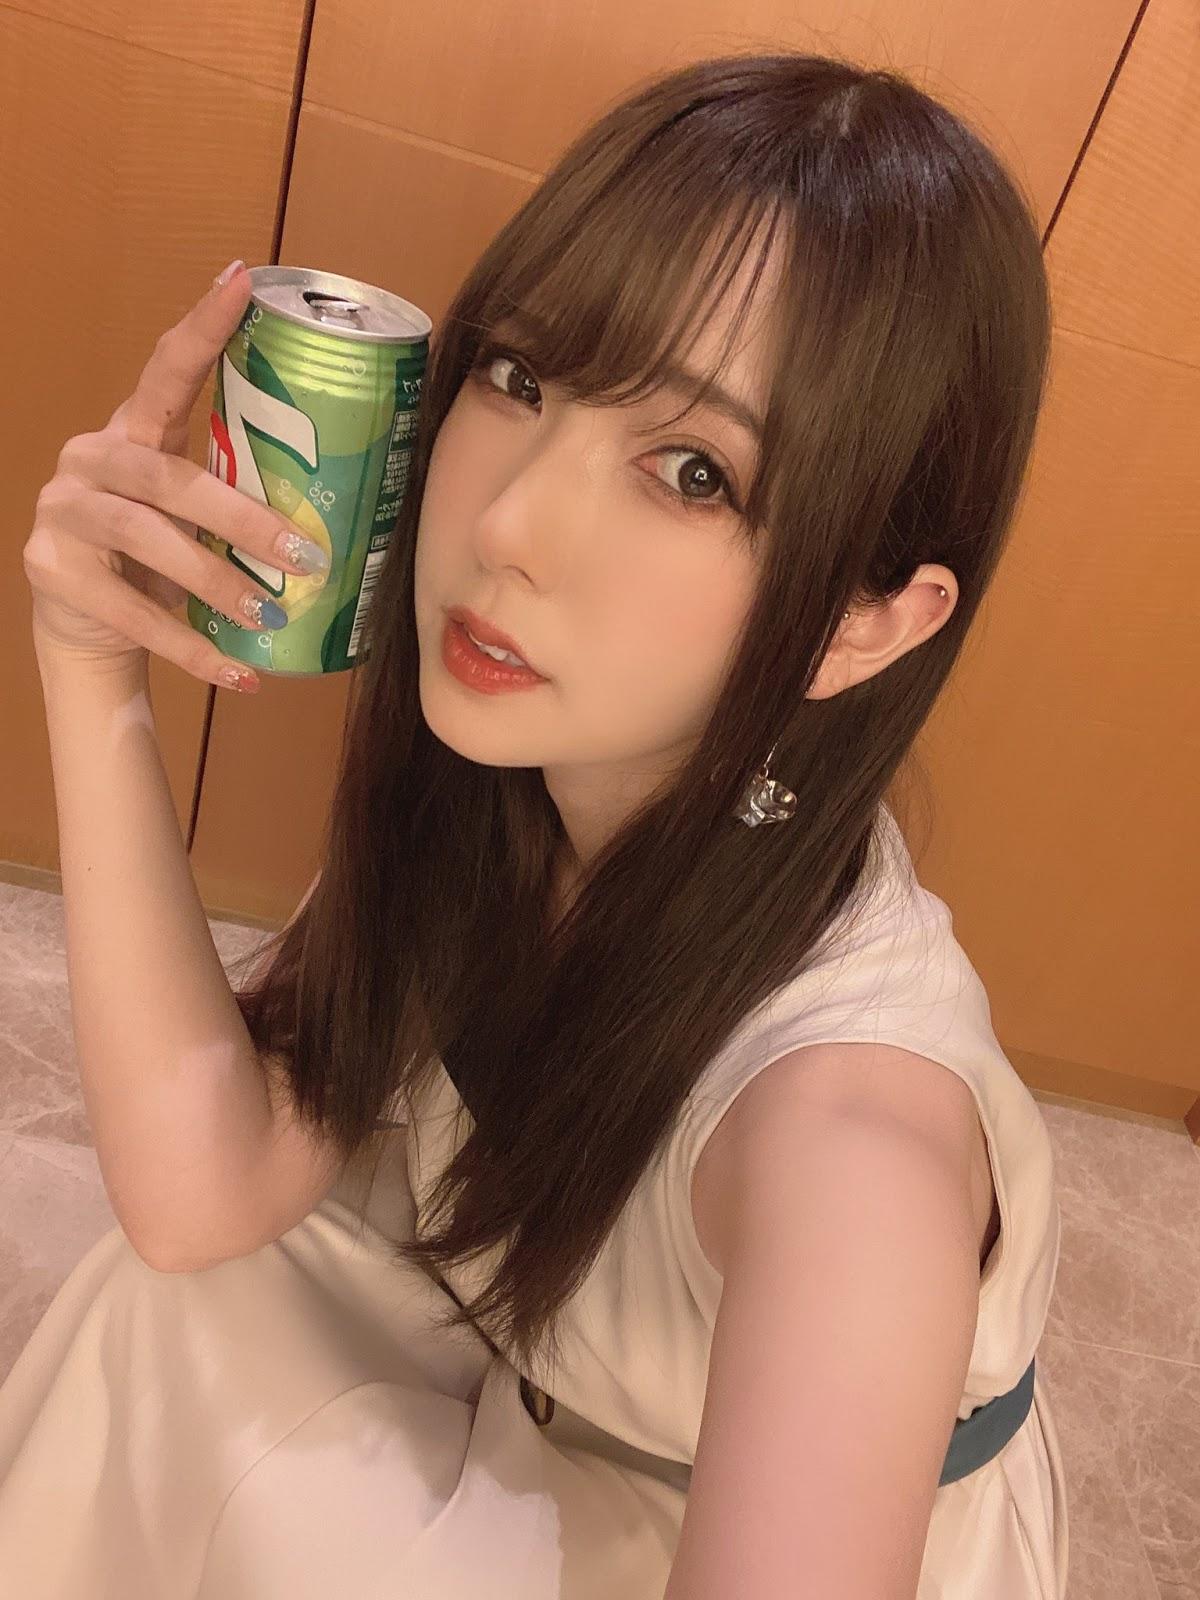 MIAA-284 Hatano Yui 嫁の連れ子に嫁との激しいセックス見せつけたらママの真似をしたがったので中出し子作りごっこしたหนังAV aoxx69